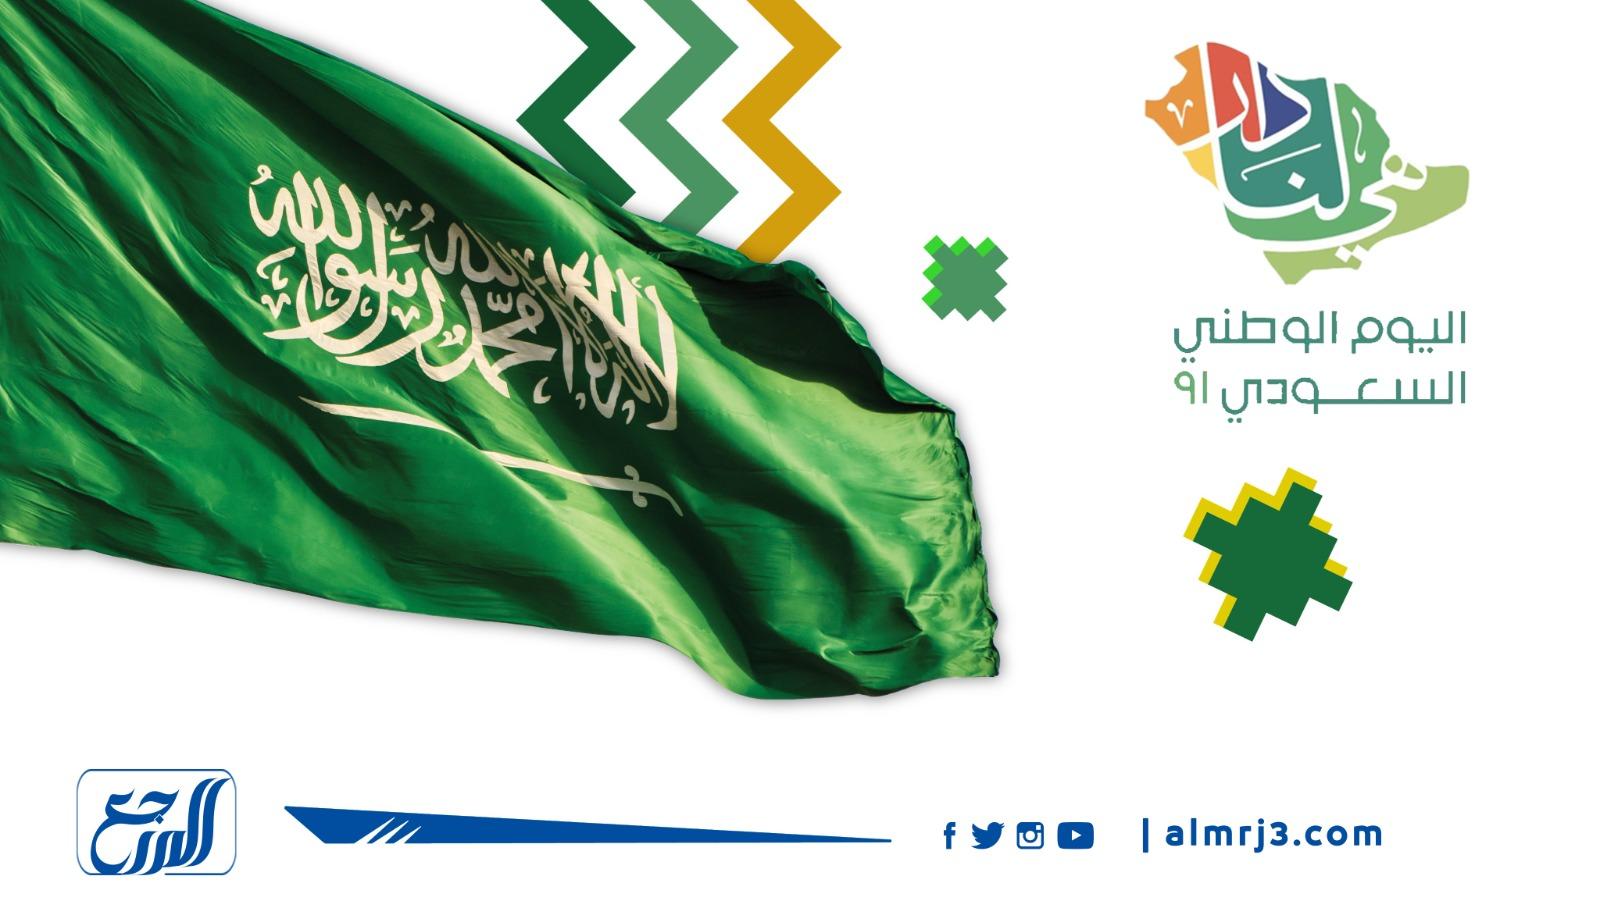 معلومات عن العيد الوطني في السعودي 1443